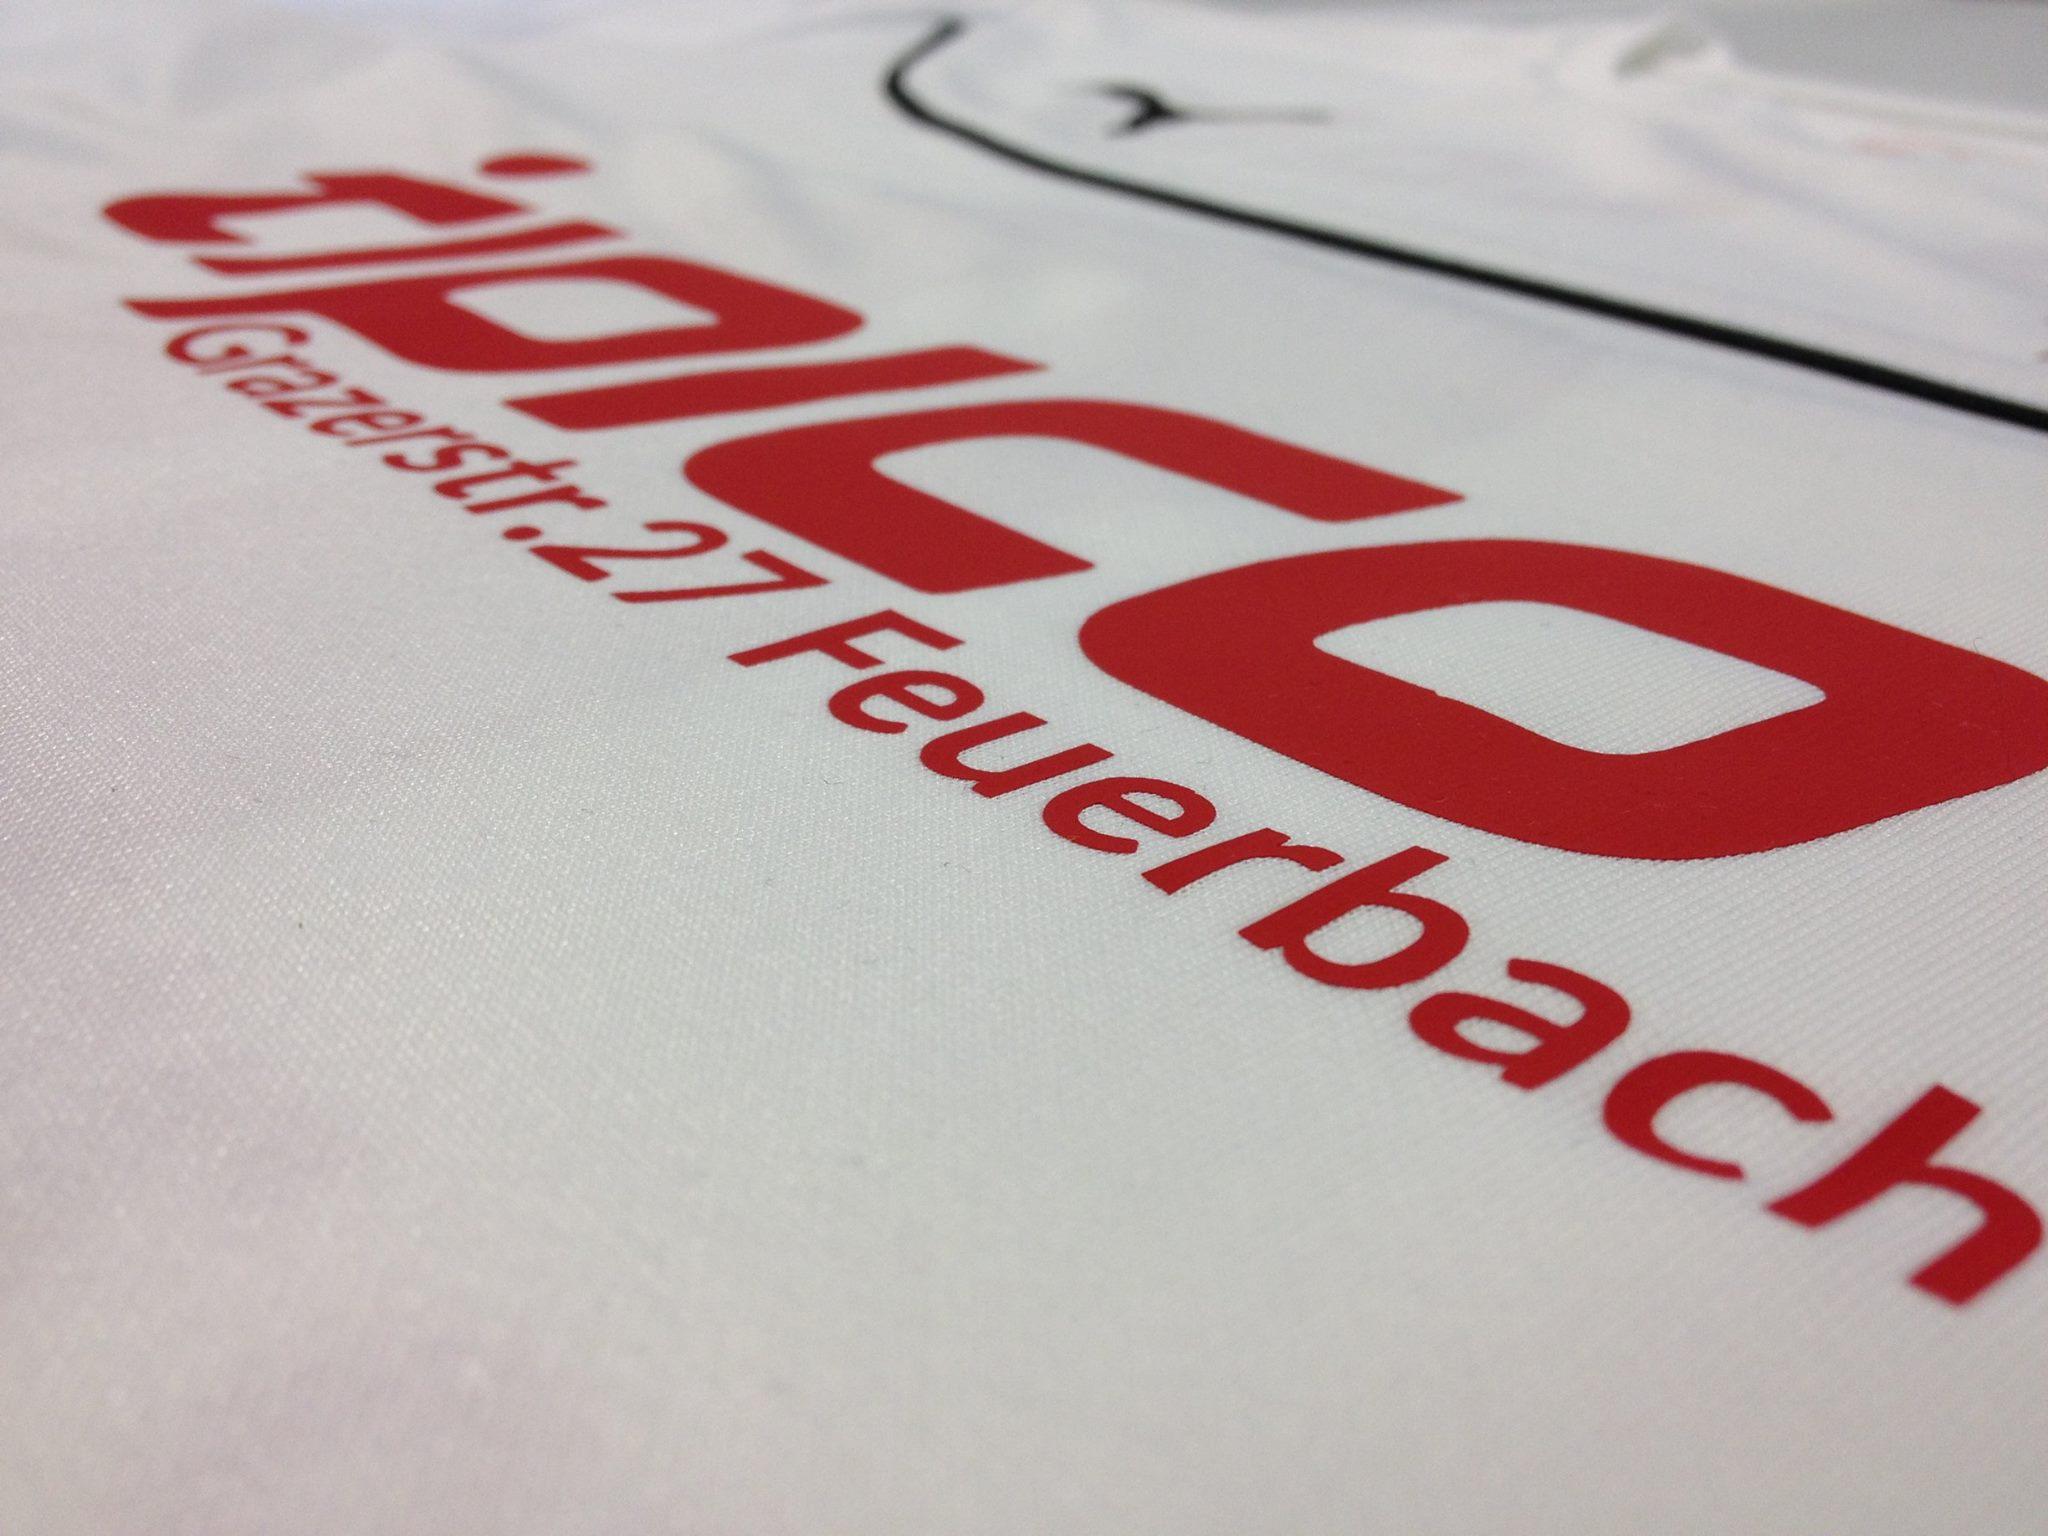 Textildruck Stuttgart T-shirt und Poloshirts bedrucken lassen